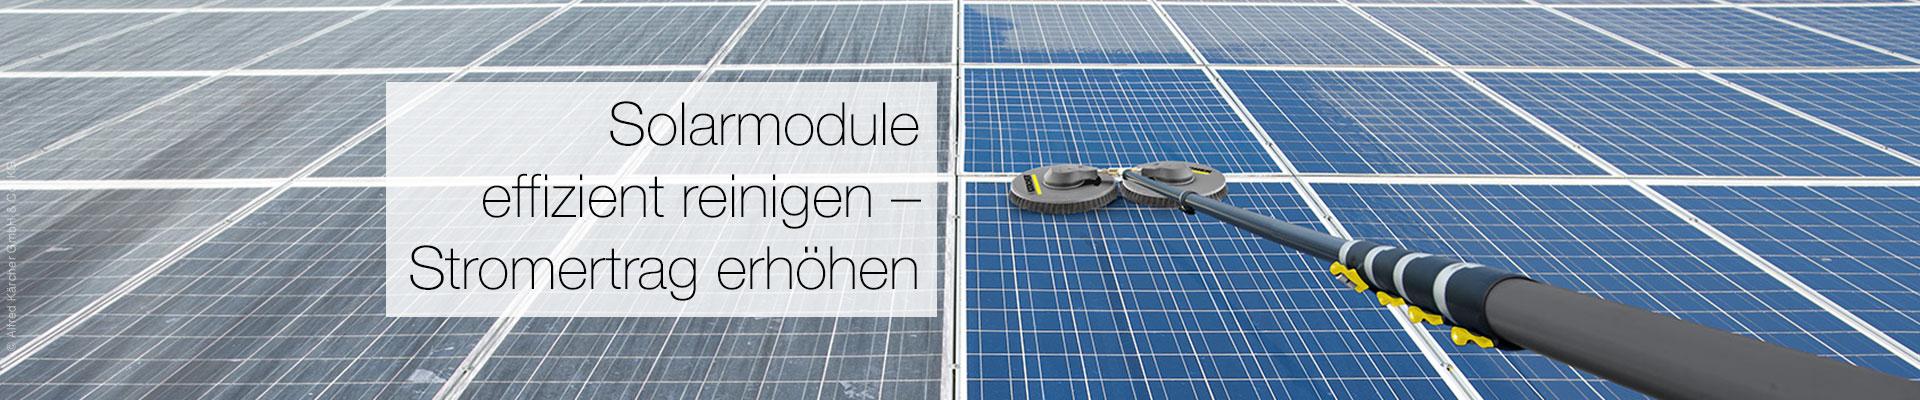 Effiziente Reinigung von Solarmodulen mit dem Kärcher-System